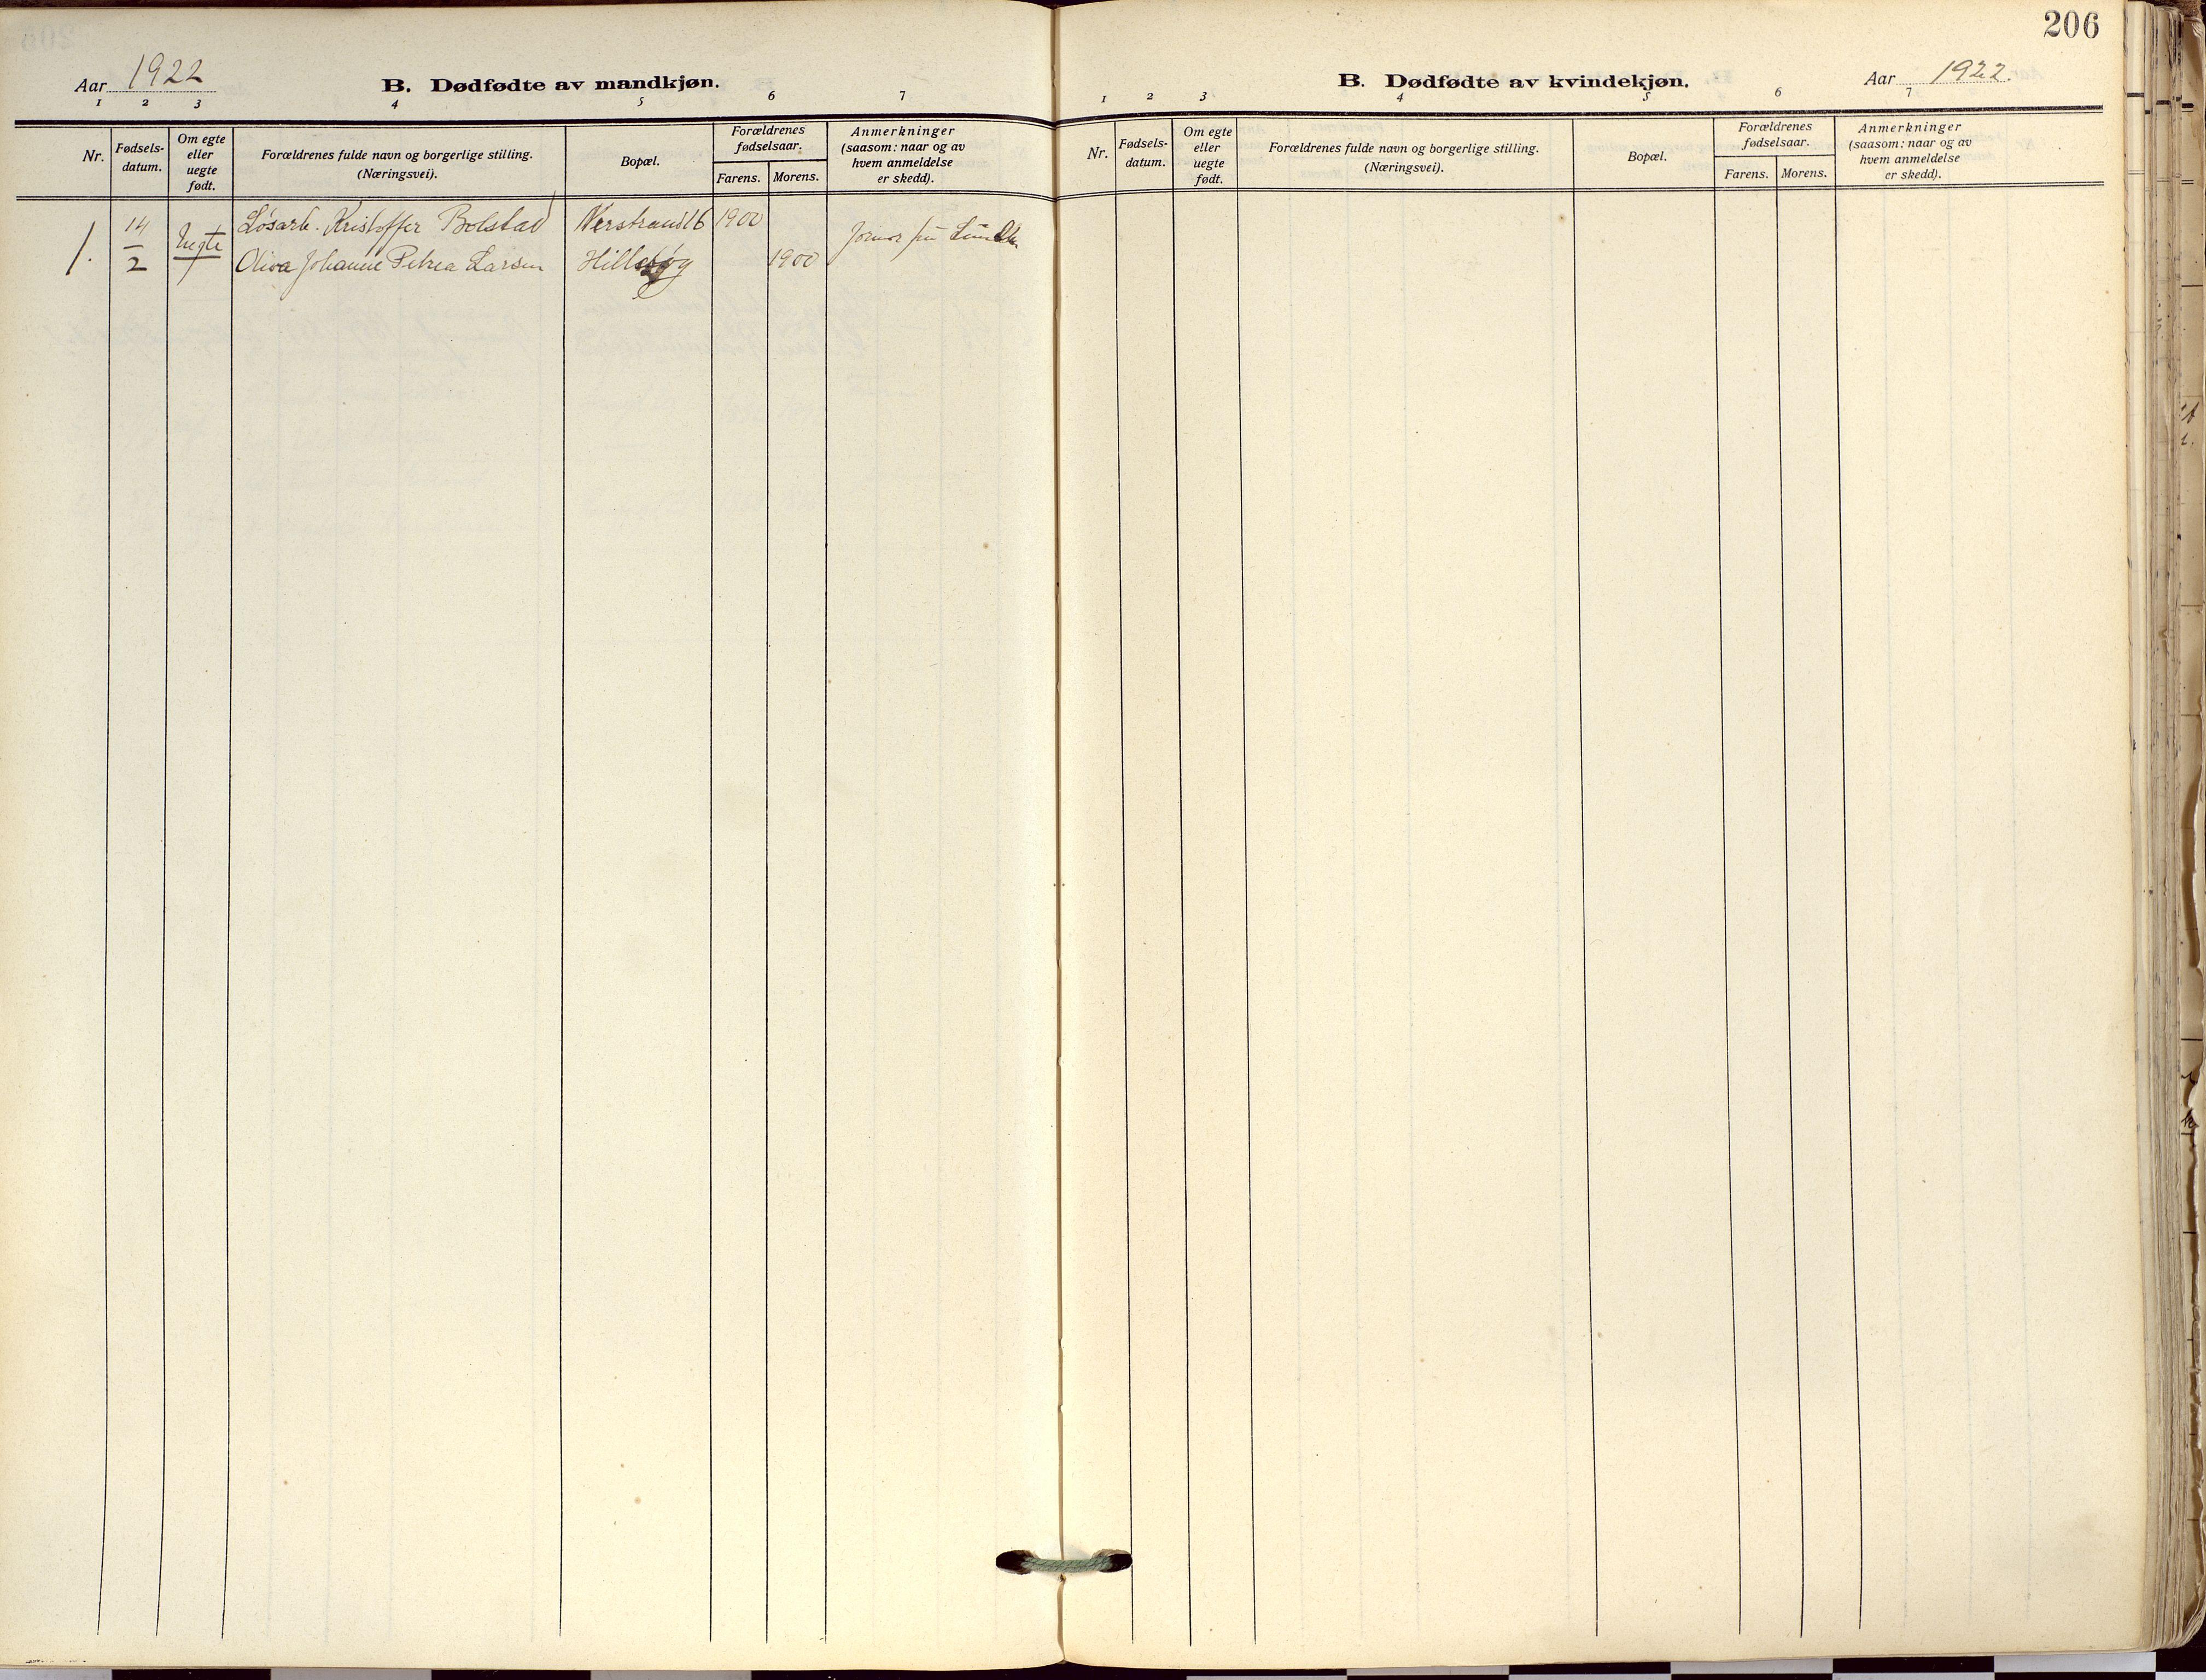 SATØ, Tromsø sokneprestkontor/stiftsprosti/domprosti, G/Ga/L0019kirke: Ministerialbok nr. 19, 1917-1927, s. 206